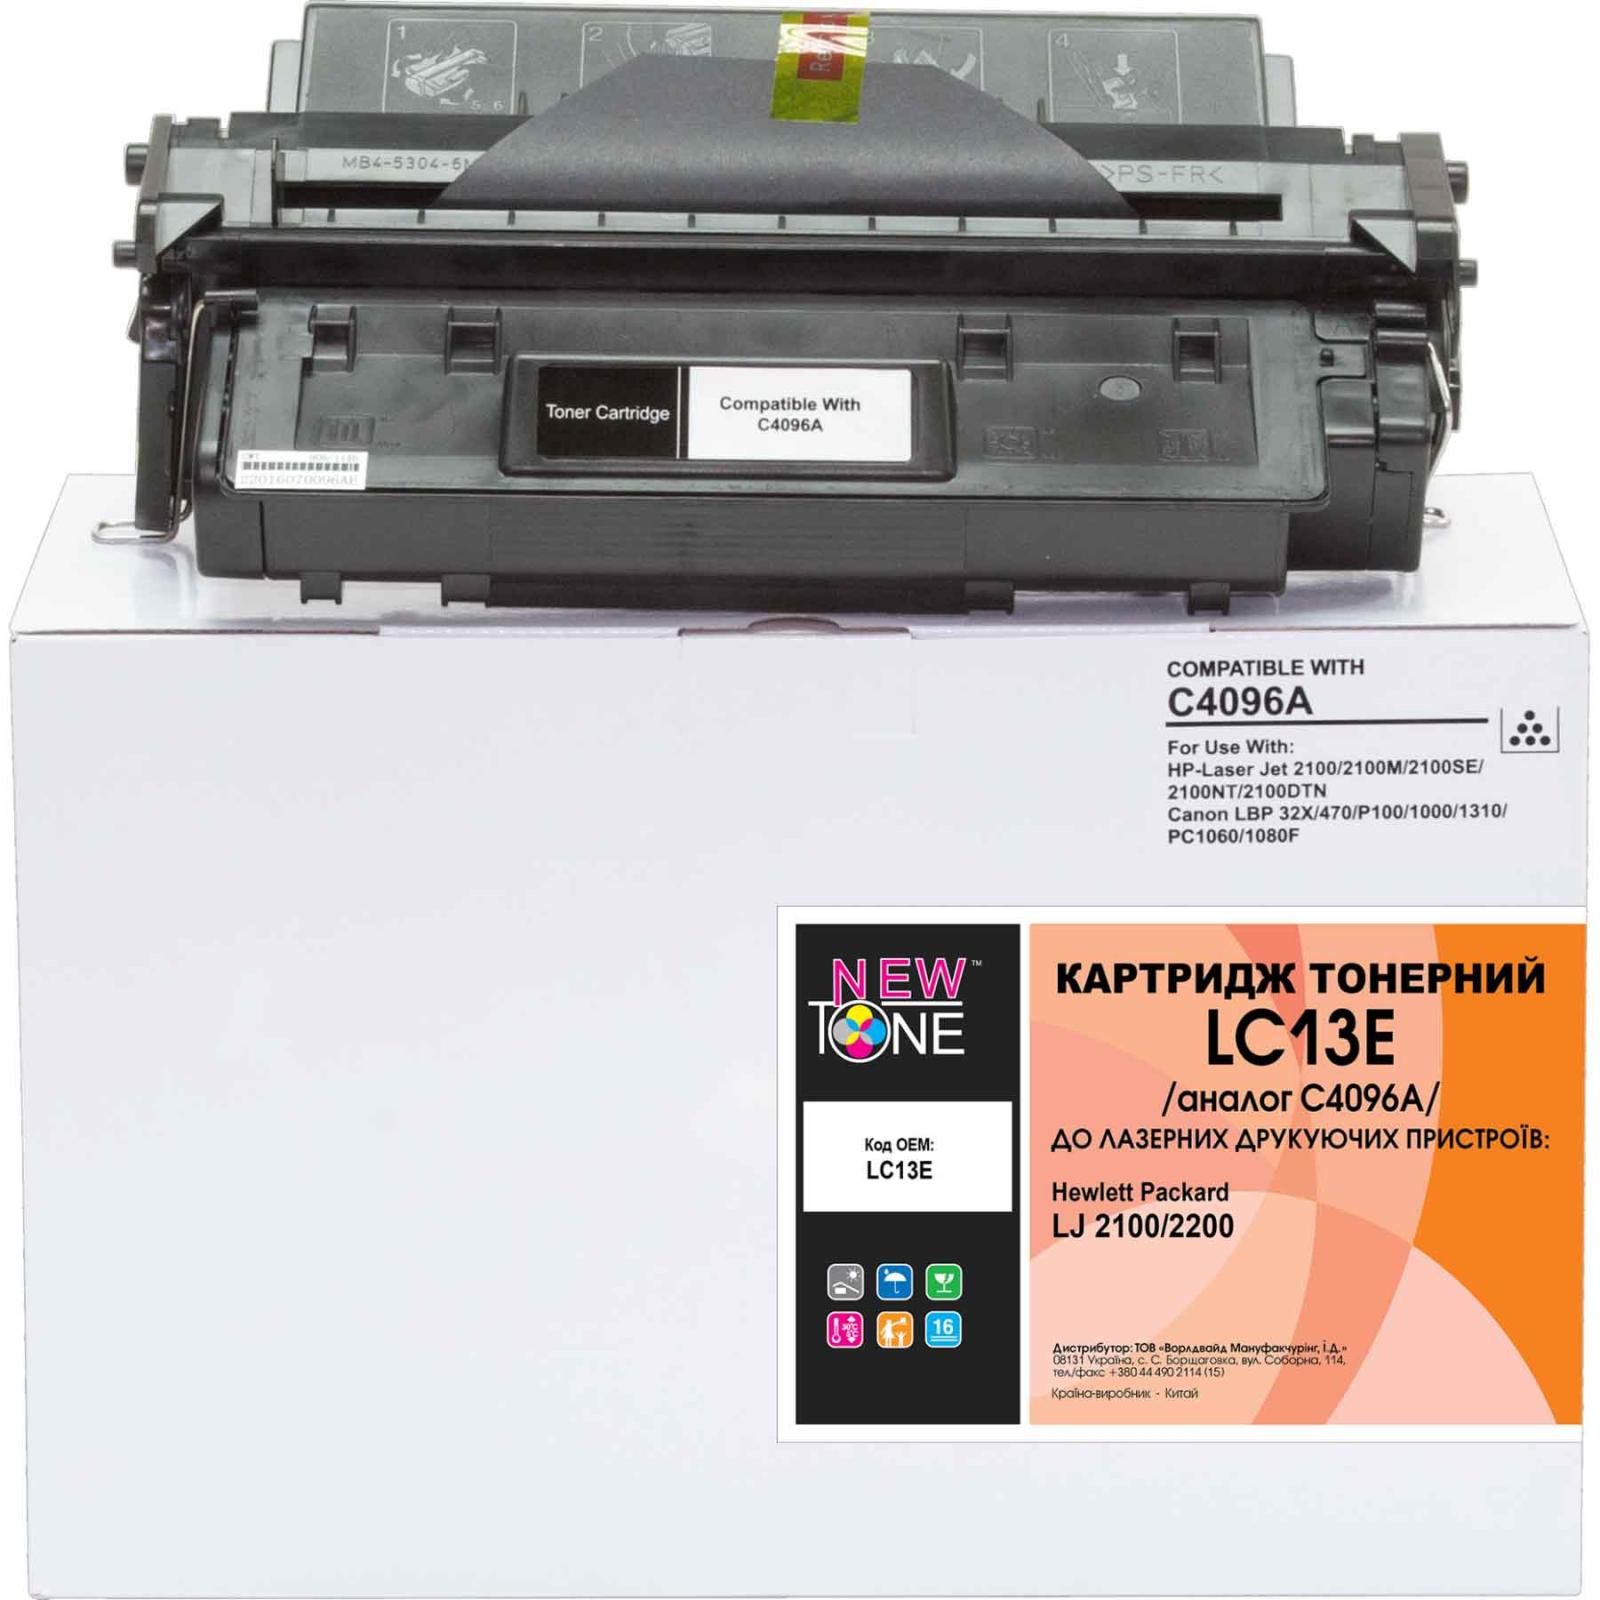 Картридж NewTone для HP LJ 2100/2200 (LC13E)